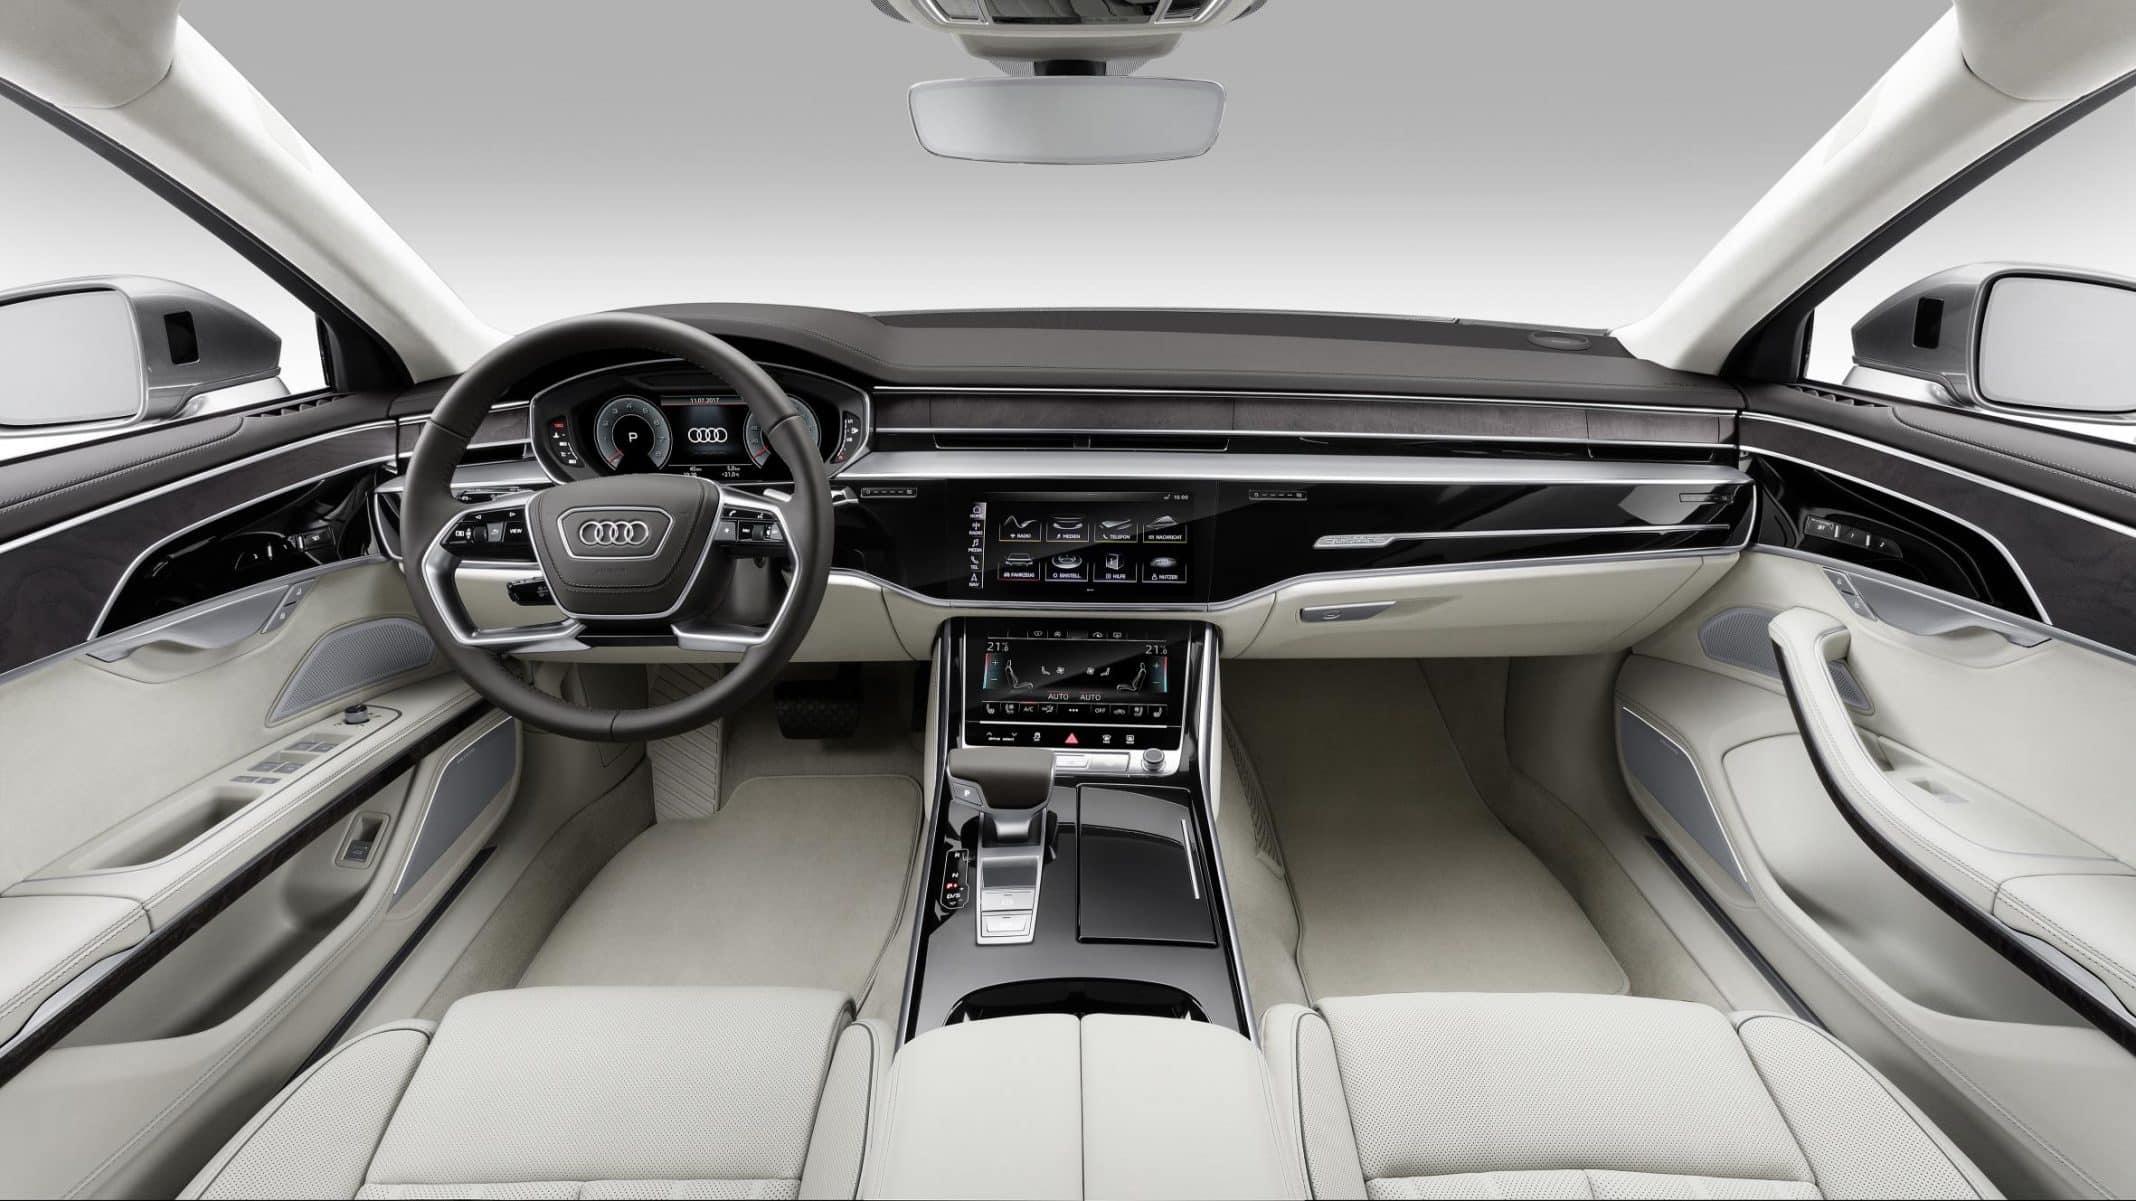 2017 Audi A8 cabin